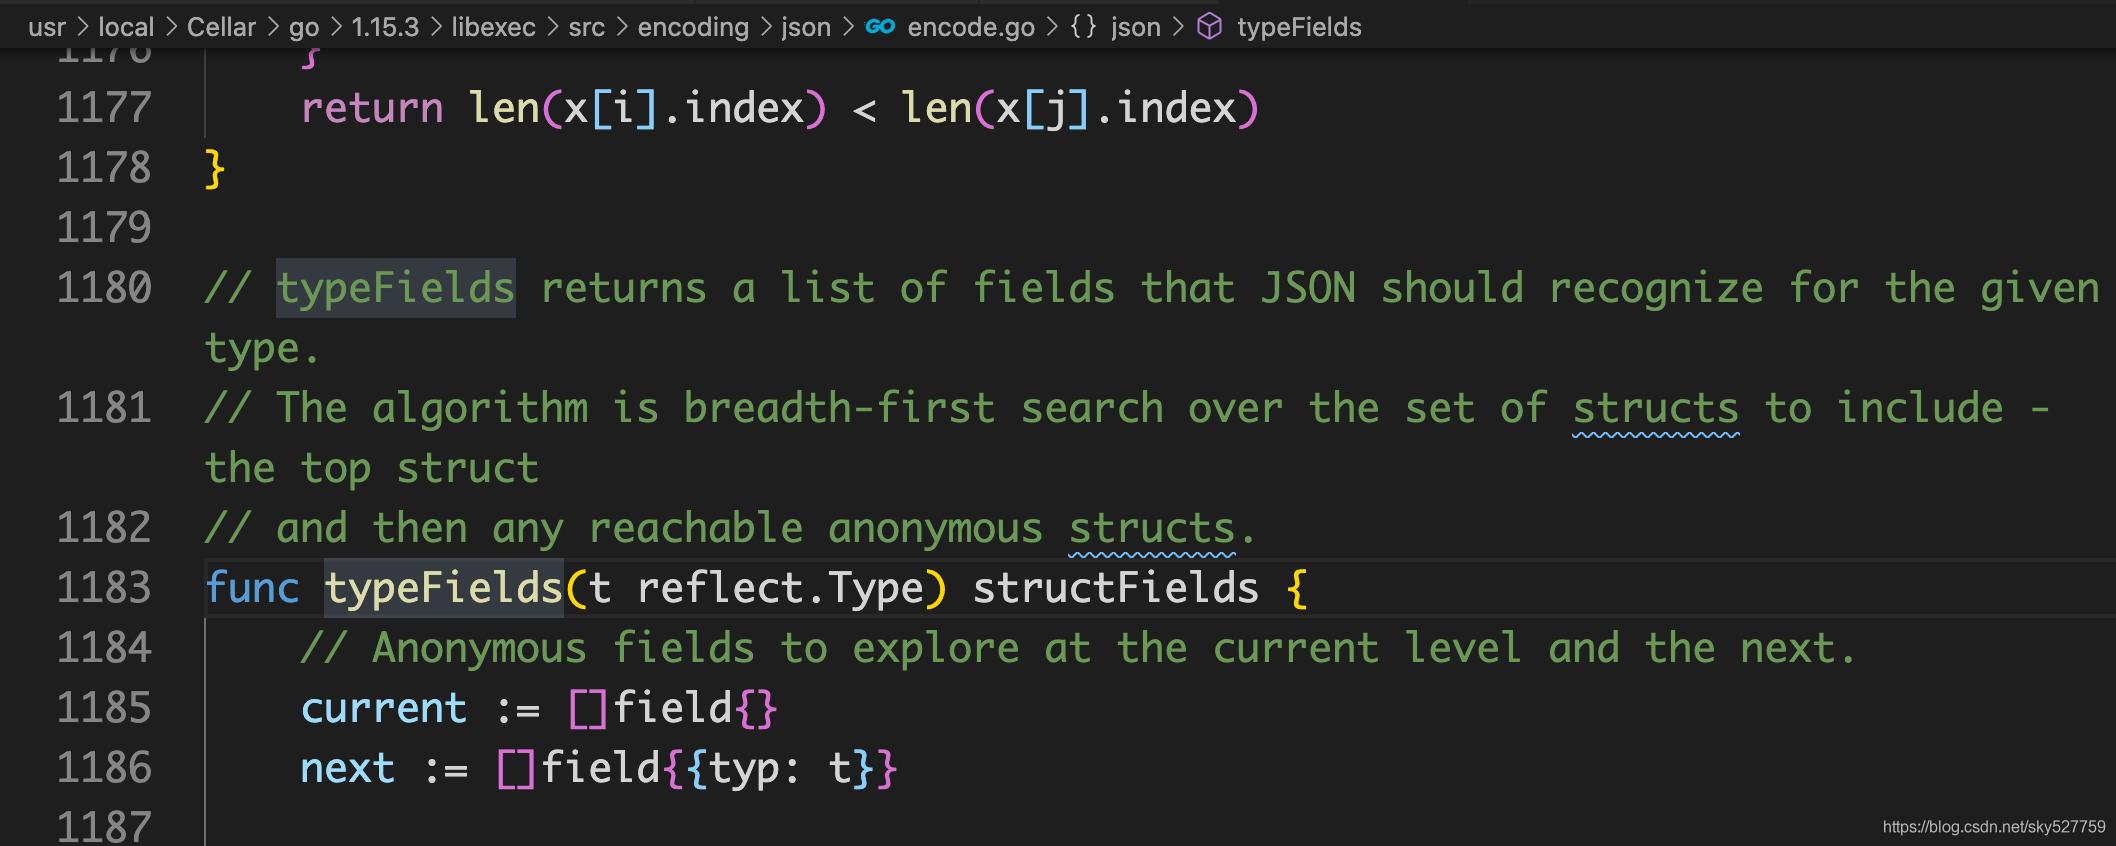 源码地址,在go源码对src/encoding/json/encode.go/